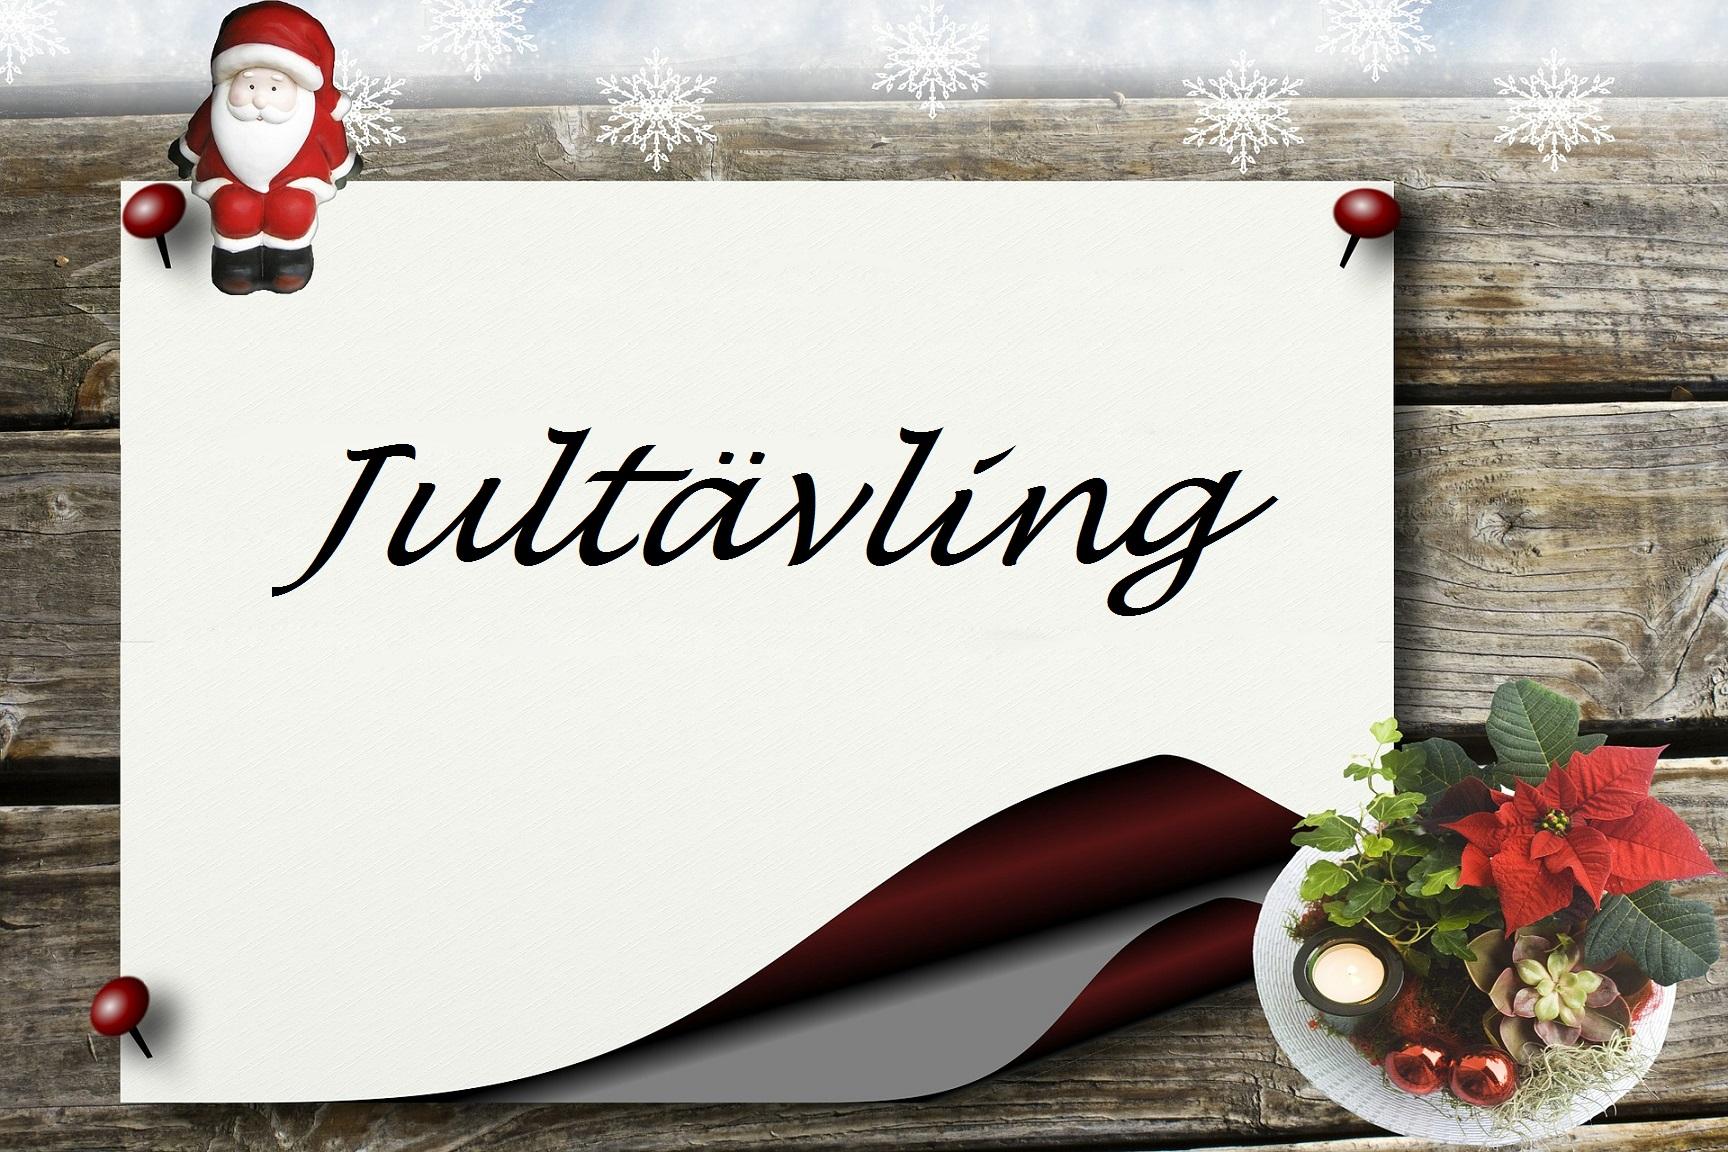 1227 Jultävling